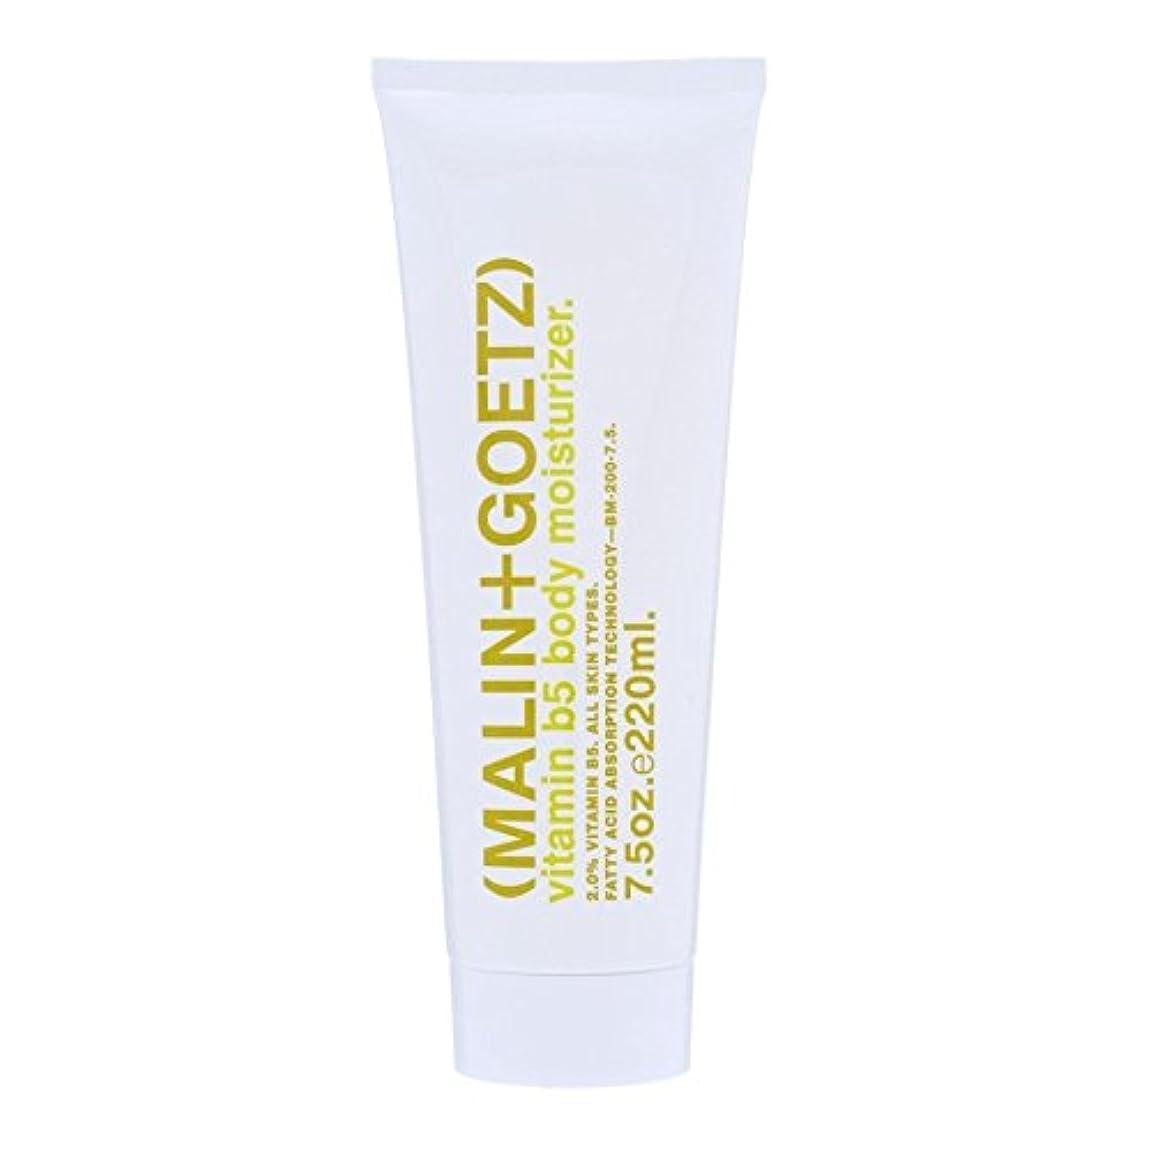 シャッフルよろしくコーナー(MALIN+GOETZ) Vitamin B5 Body Moisturiser 220ml - (マリン+ゲッツ)ビタミン5ボディモイスチャライザーの220ミリリットル [並行輸入品]